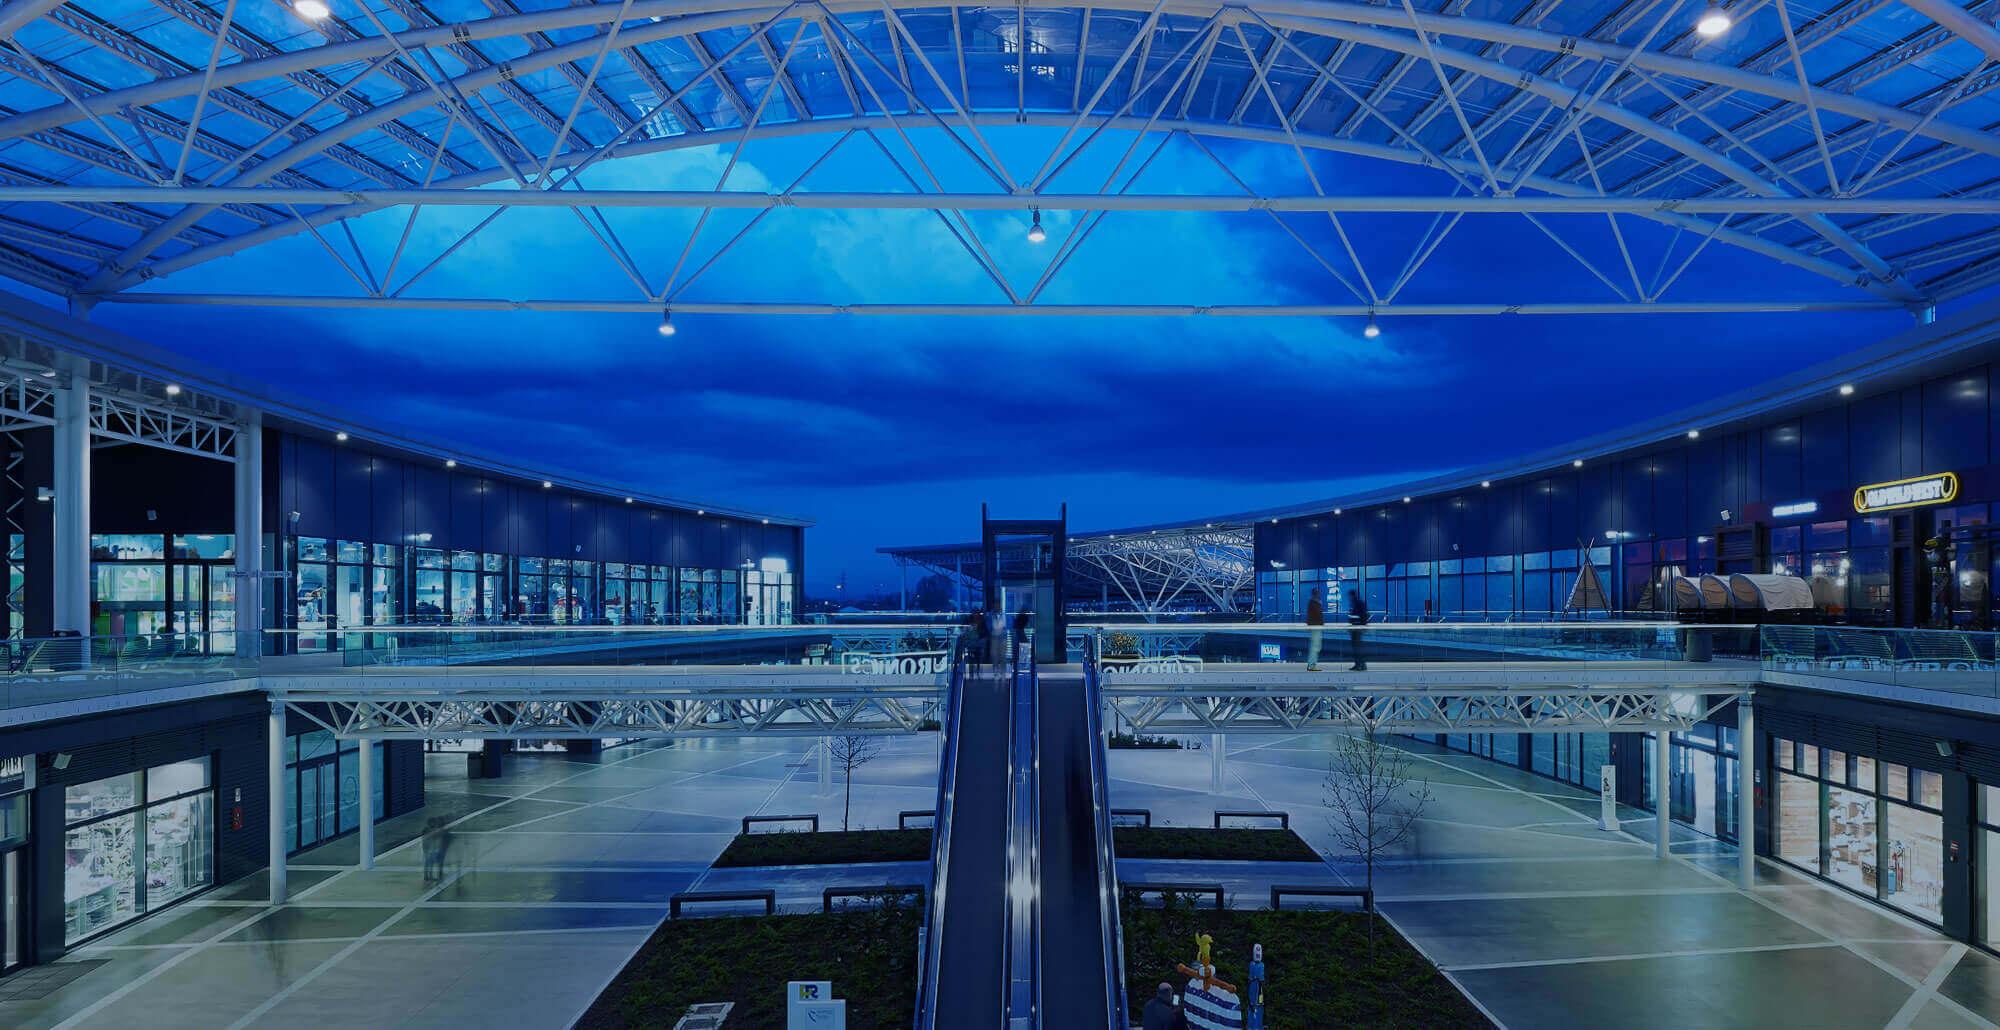 Centro - Parma Retail Parco Commerciale